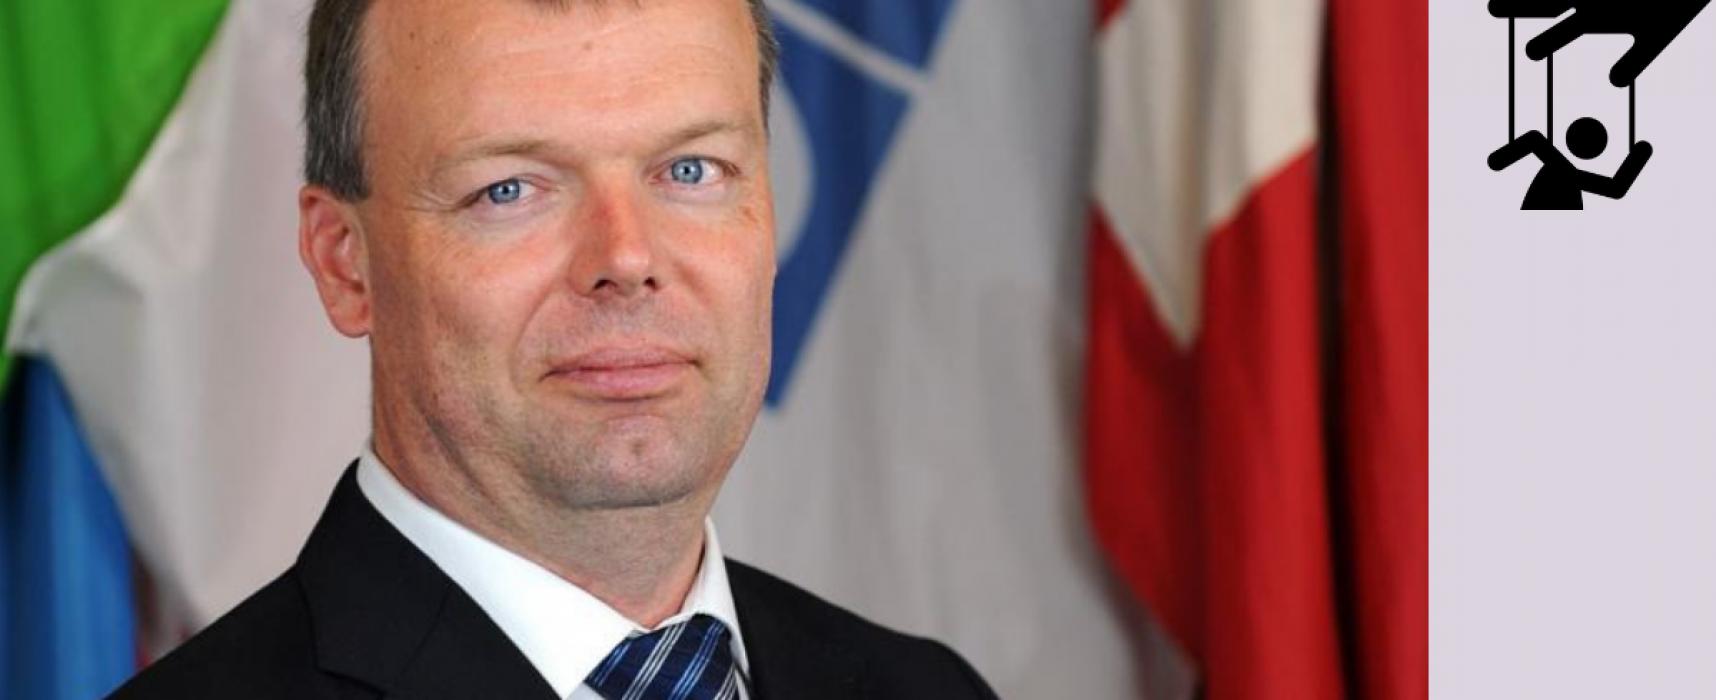 Co viděl Alexander Hug z OBSE na Donbase?